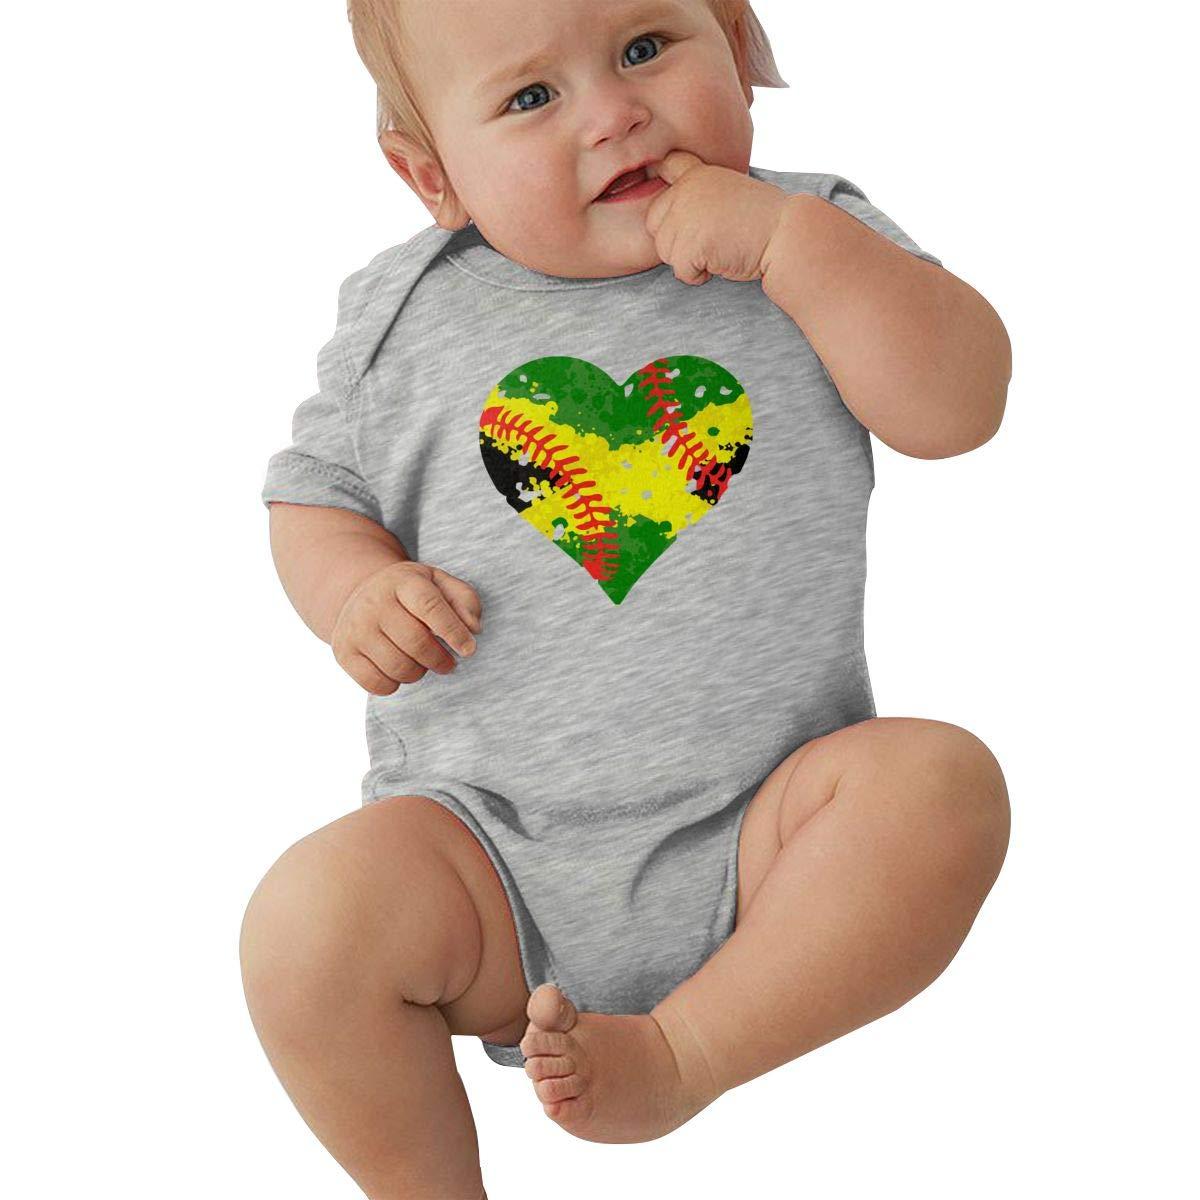 Jamaica Flag Splatter Softball Infant Baby Girl Boy Romper Jumpsuit Short Sleeved Bodysuit Tops Clothes